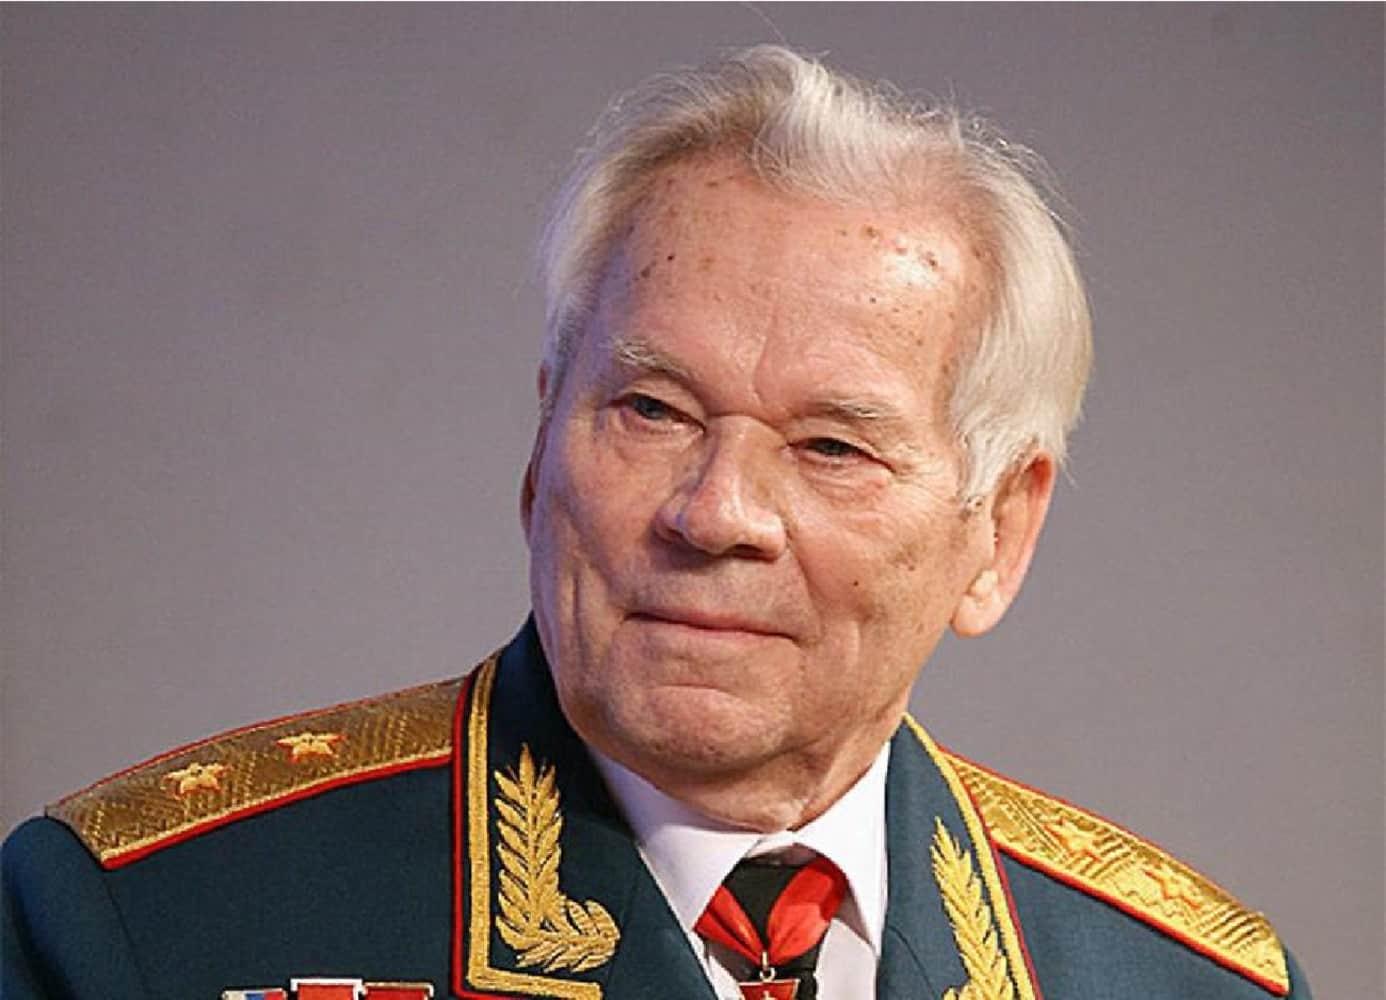 minprosveshheniya-rekomendovalo-provesti-v-shkolah-urok-k-100-letiyu-mihaila-kalashnikova